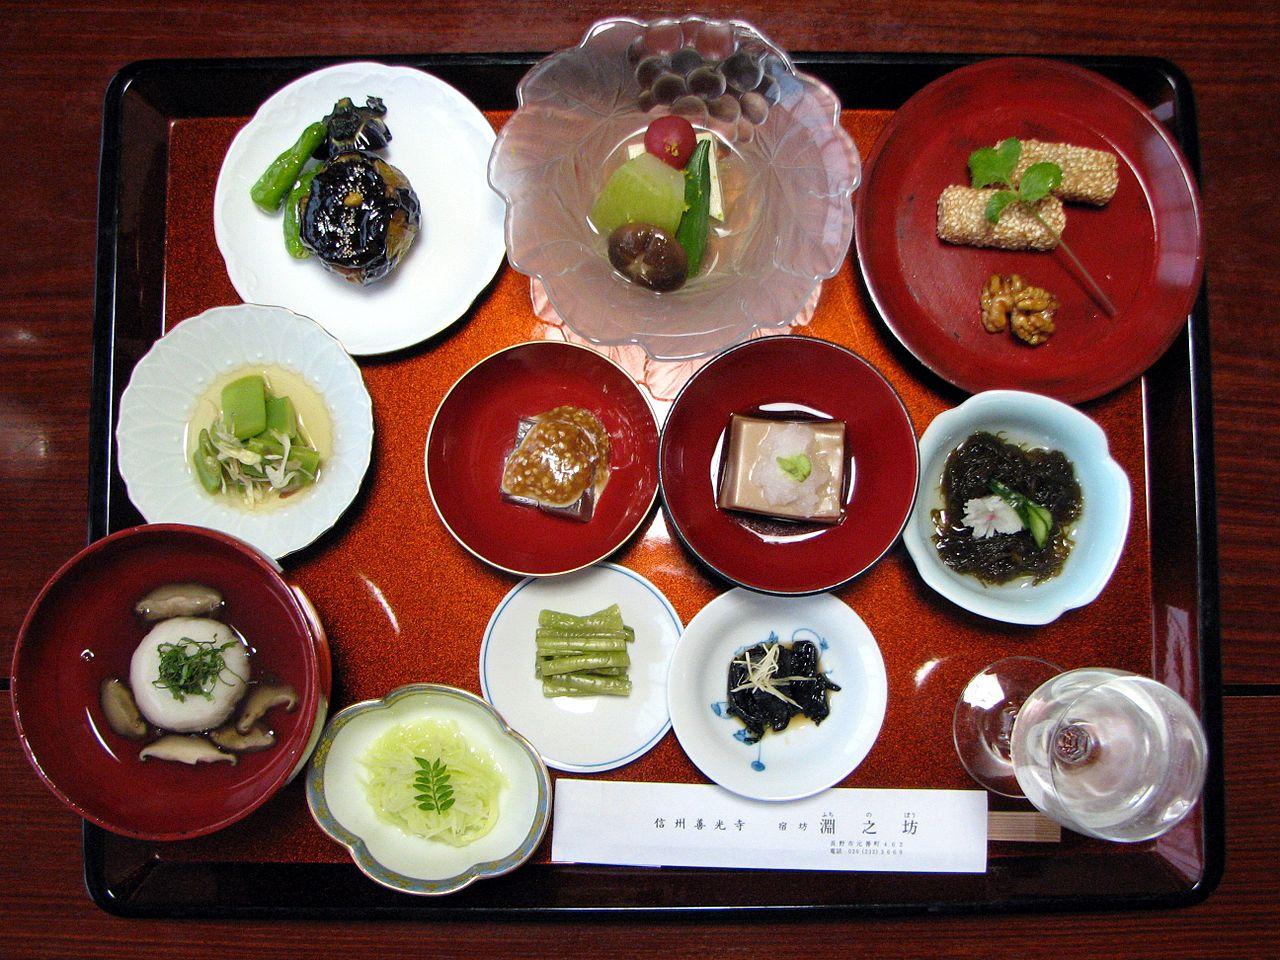 Japanese_temple_vegetarian_dinner.jpg